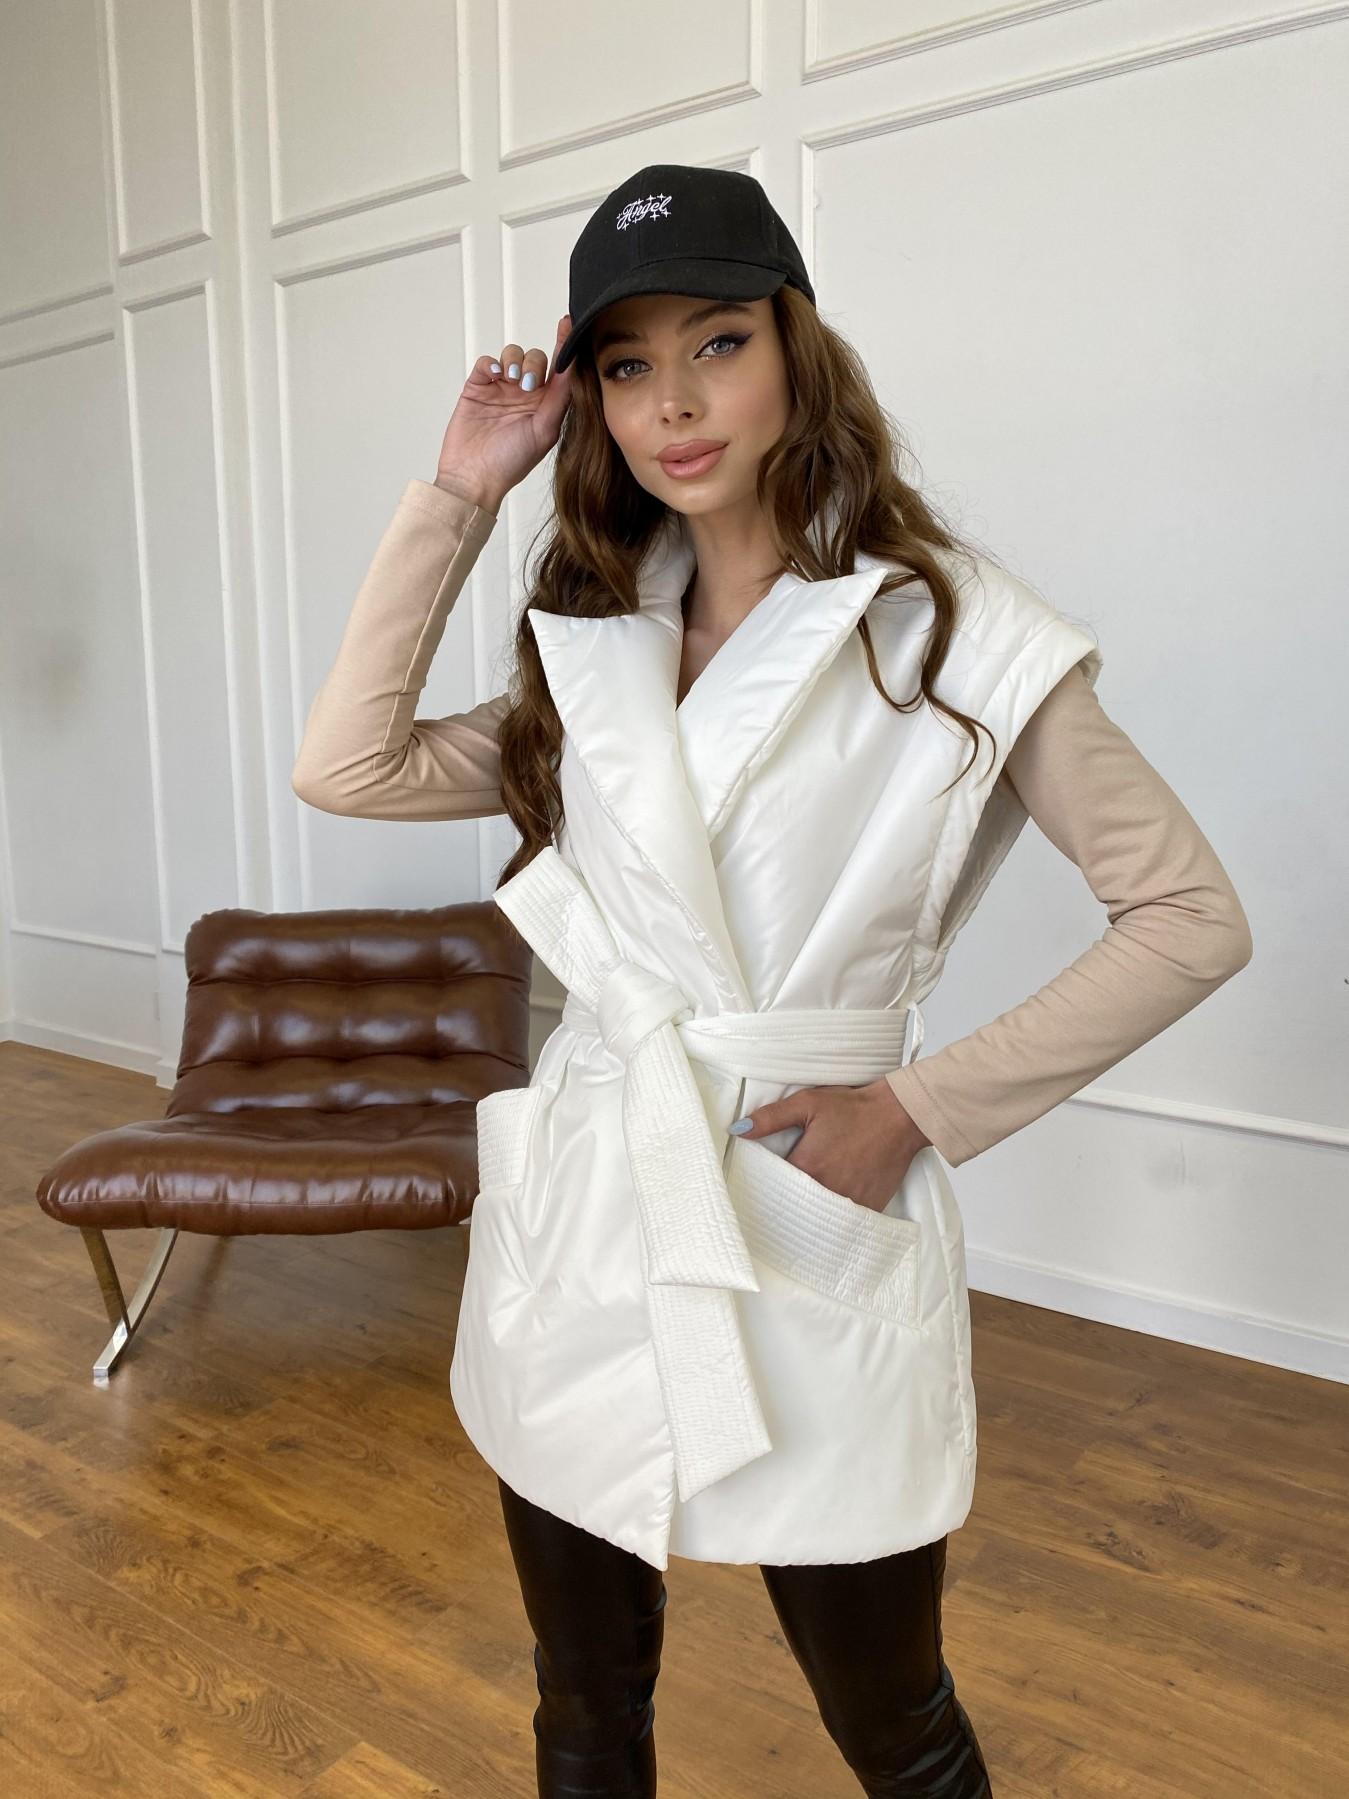 Форбс куртка-жилет из плащевой ткани Ammy  11159 АРТ. 47659 Цвет: Молоко 12 - фото 7, интернет магазин tm-modus.ru